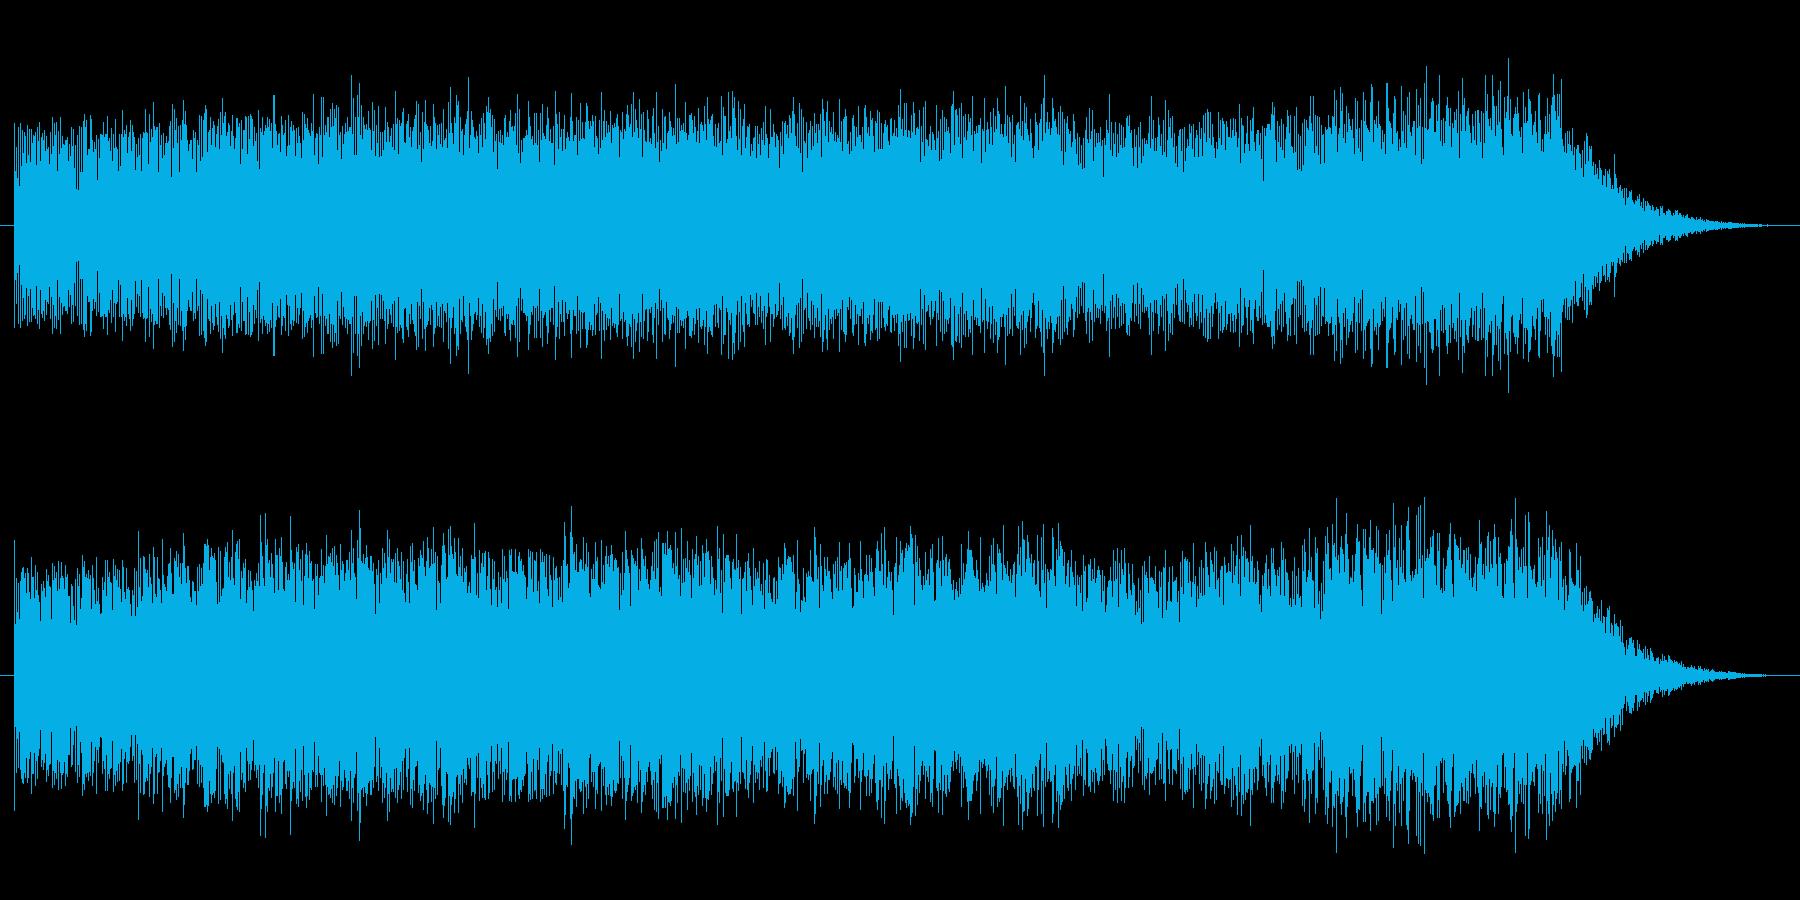 浮遊感ギターとシンセシーケンスの再生済みの波形